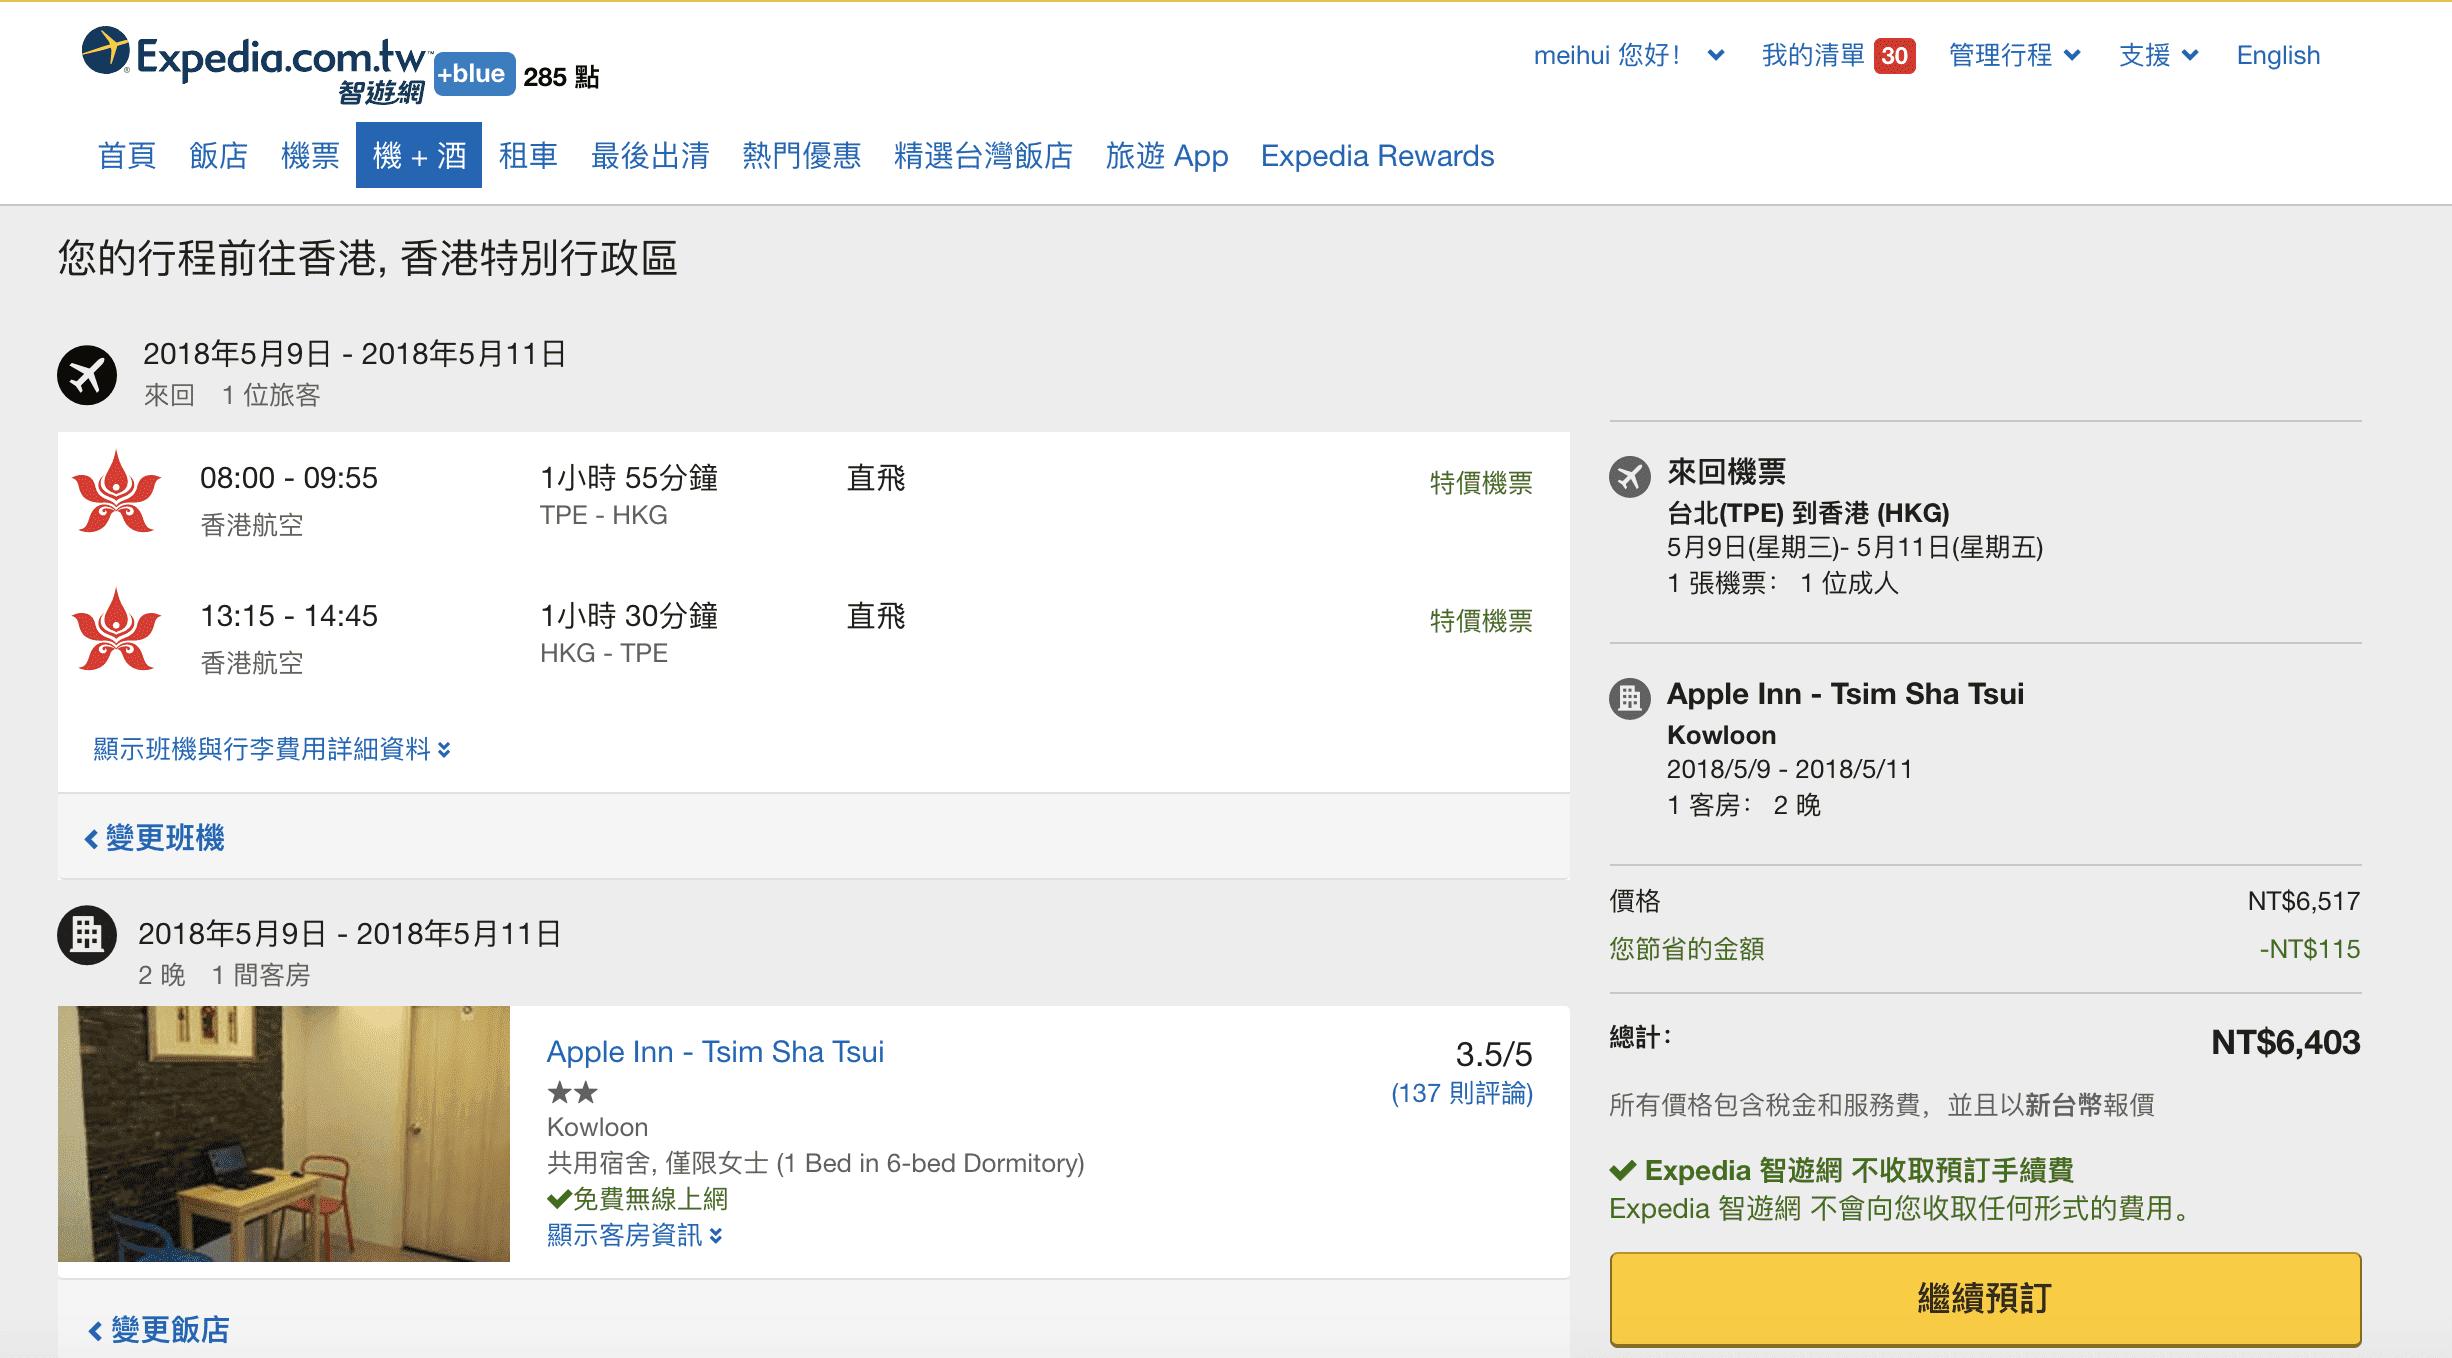 國泰機加酒套裝,香港、首爾、東京、曼谷,限期促銷,三天兩夜最低6272元起~(107.4.14)